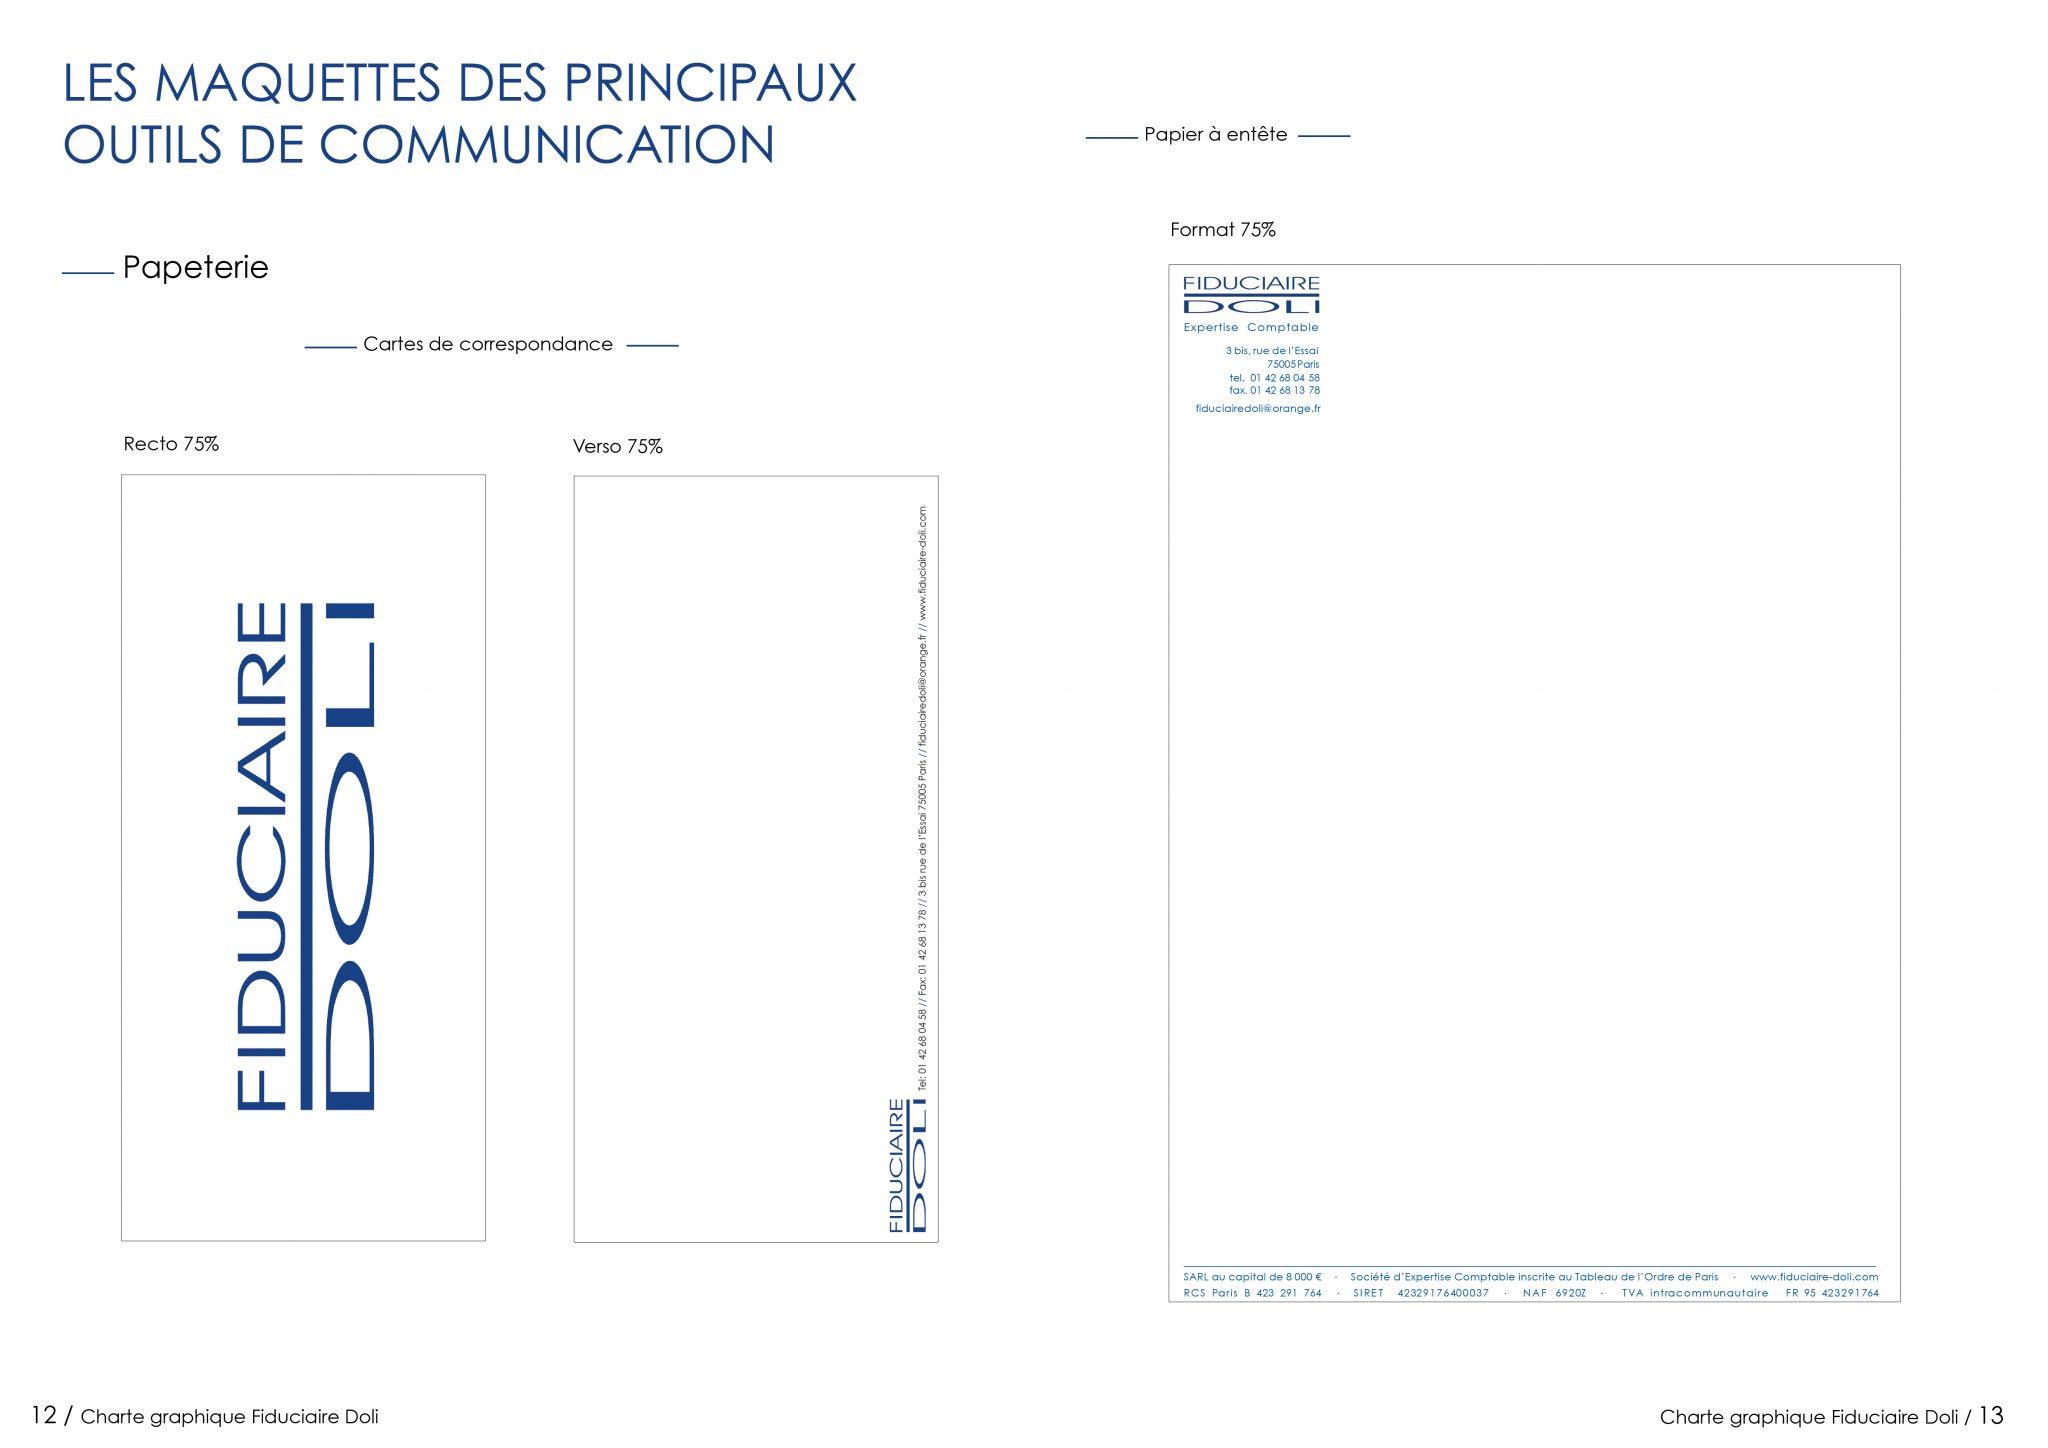 CLIENT: FIDUCIARE DOLI Refaire le logo à l'identique. Création de la charte graphique & de la papeterie.